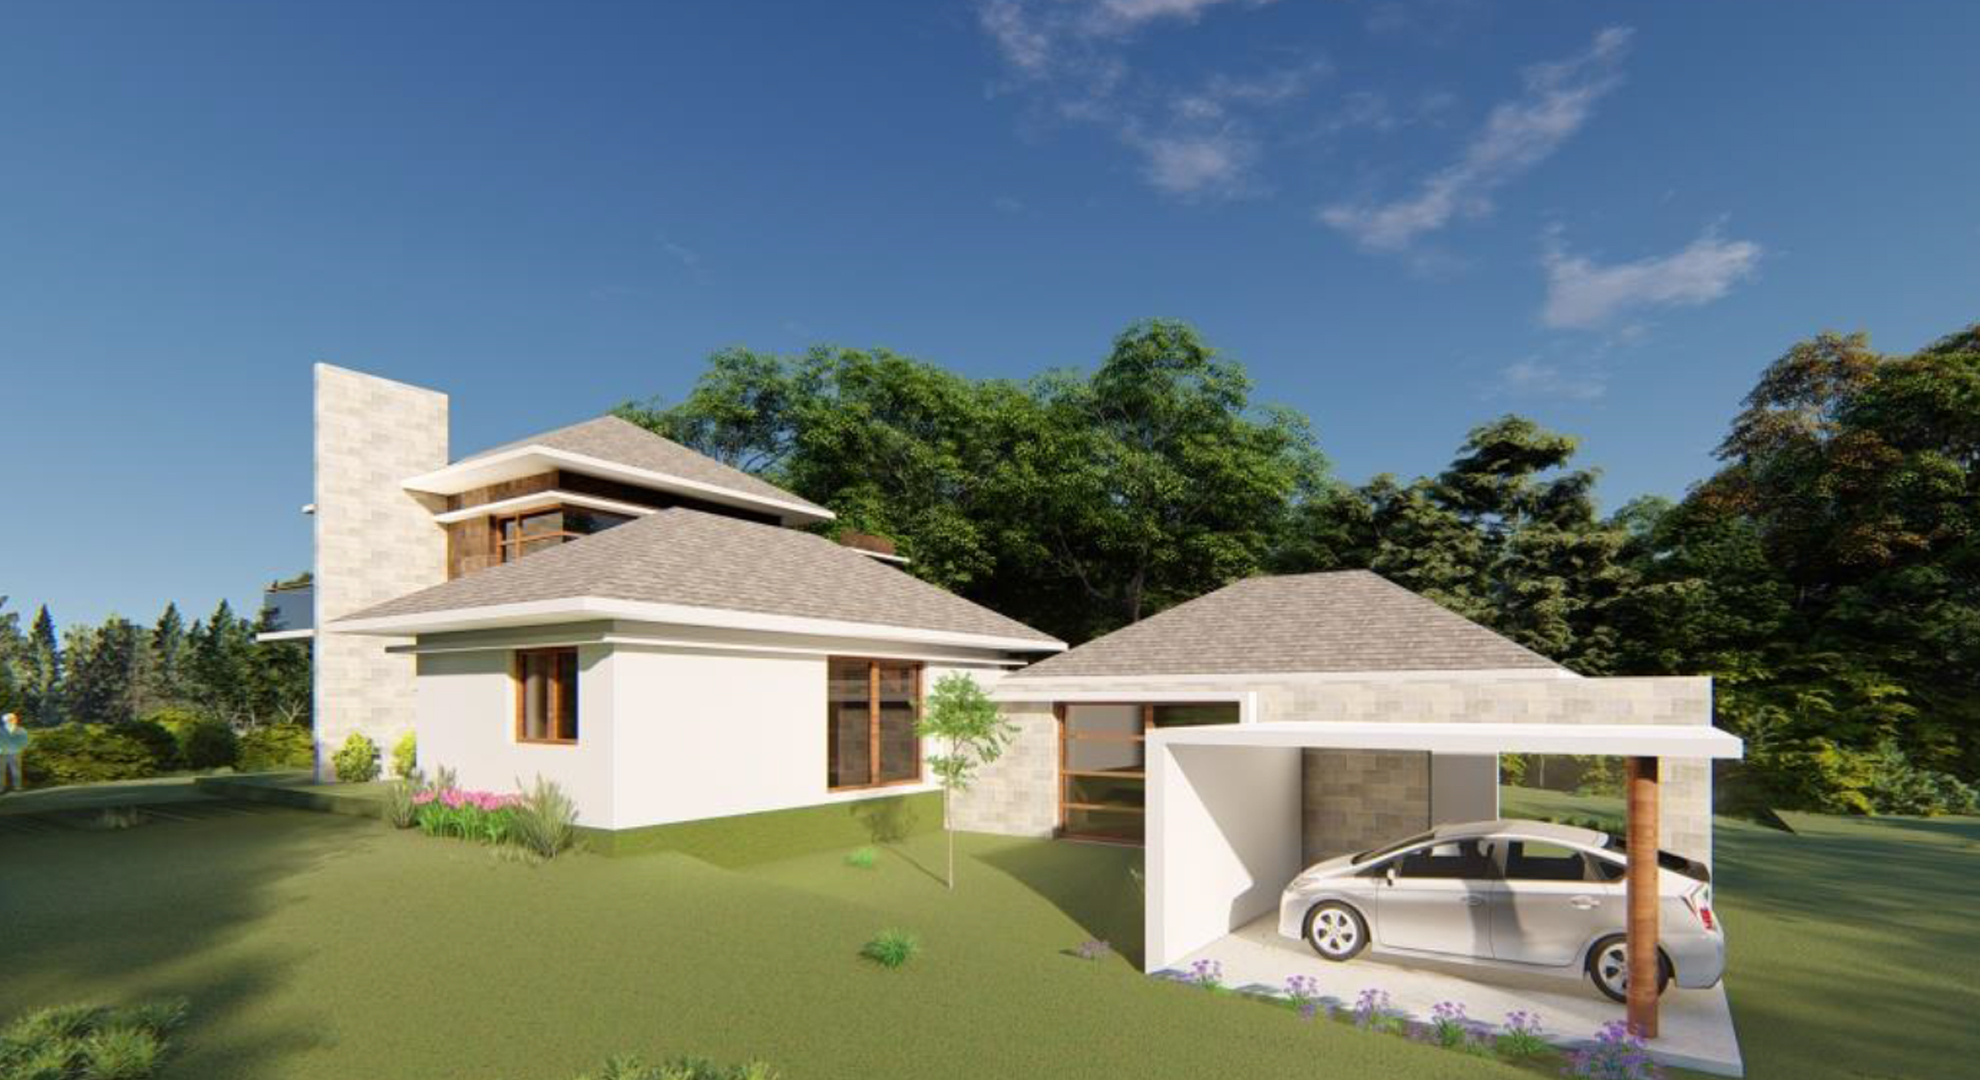 Property developers in Kotagiri